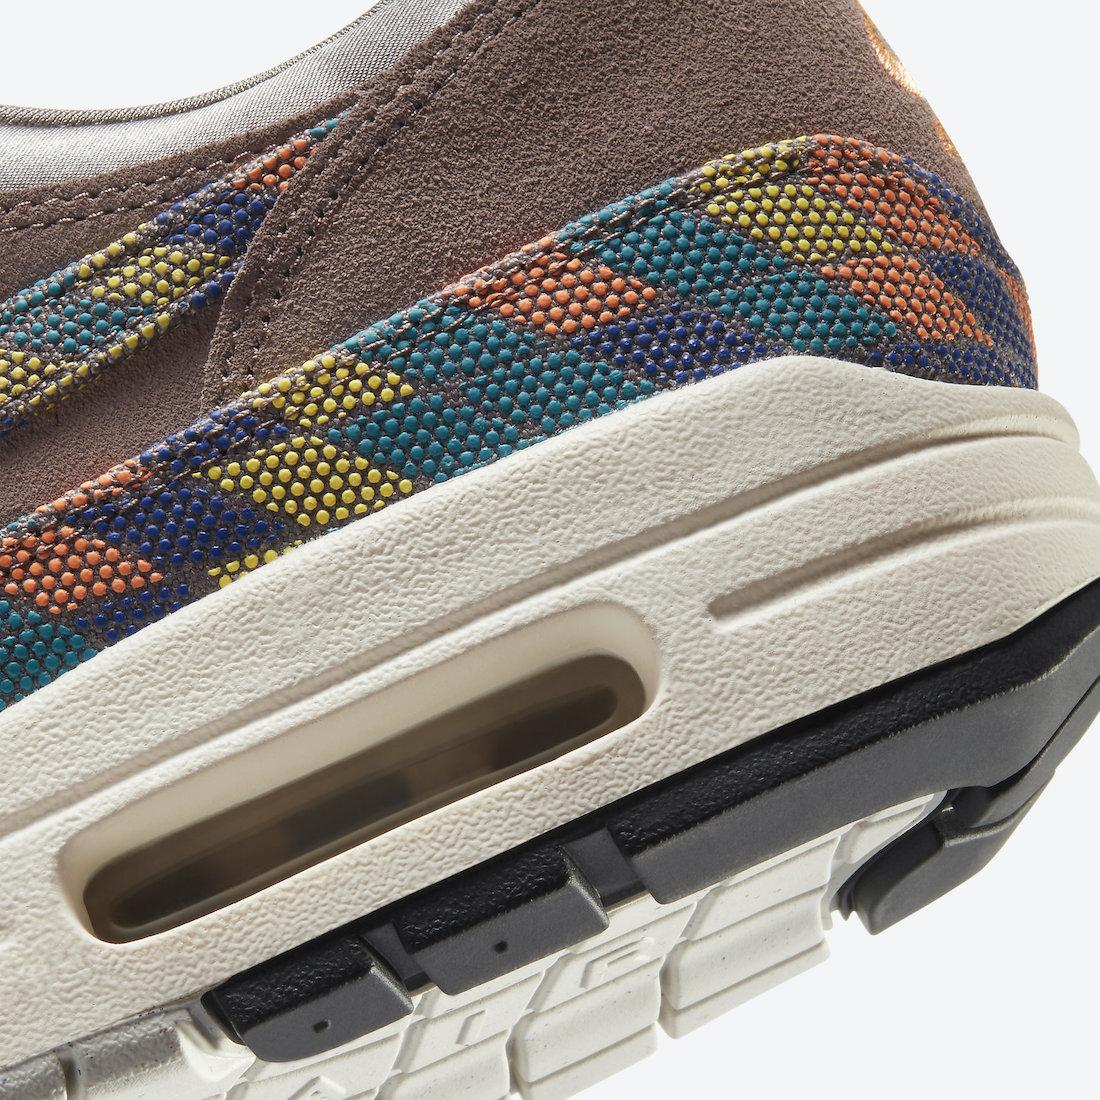 Nike Air Max 1 N7 DA1346-200 Release Date Info